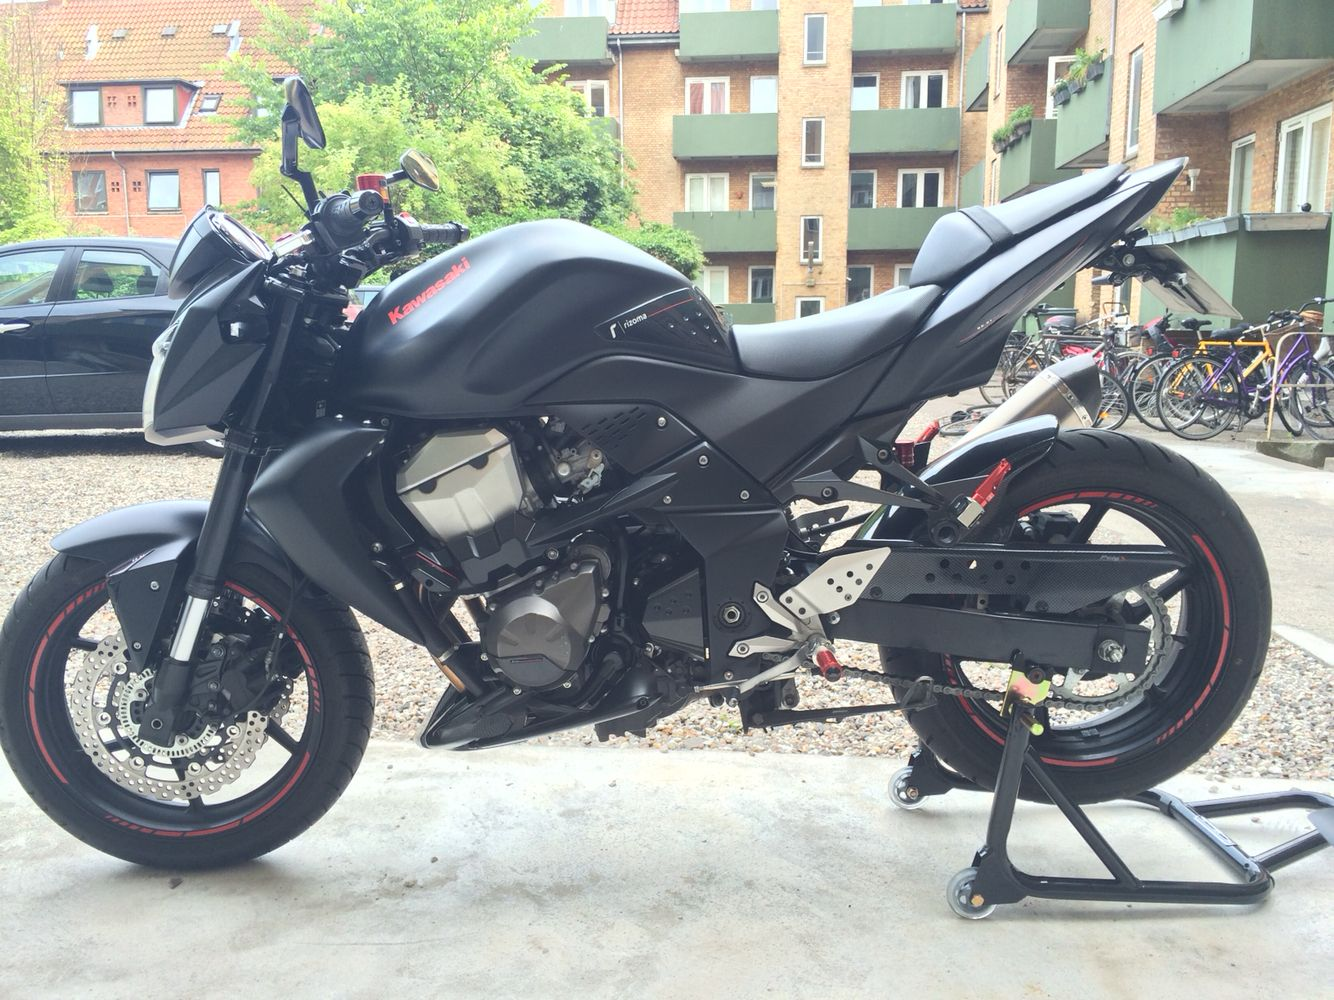 Kawasaki Z750 Rizoma Inspired Devil My Love